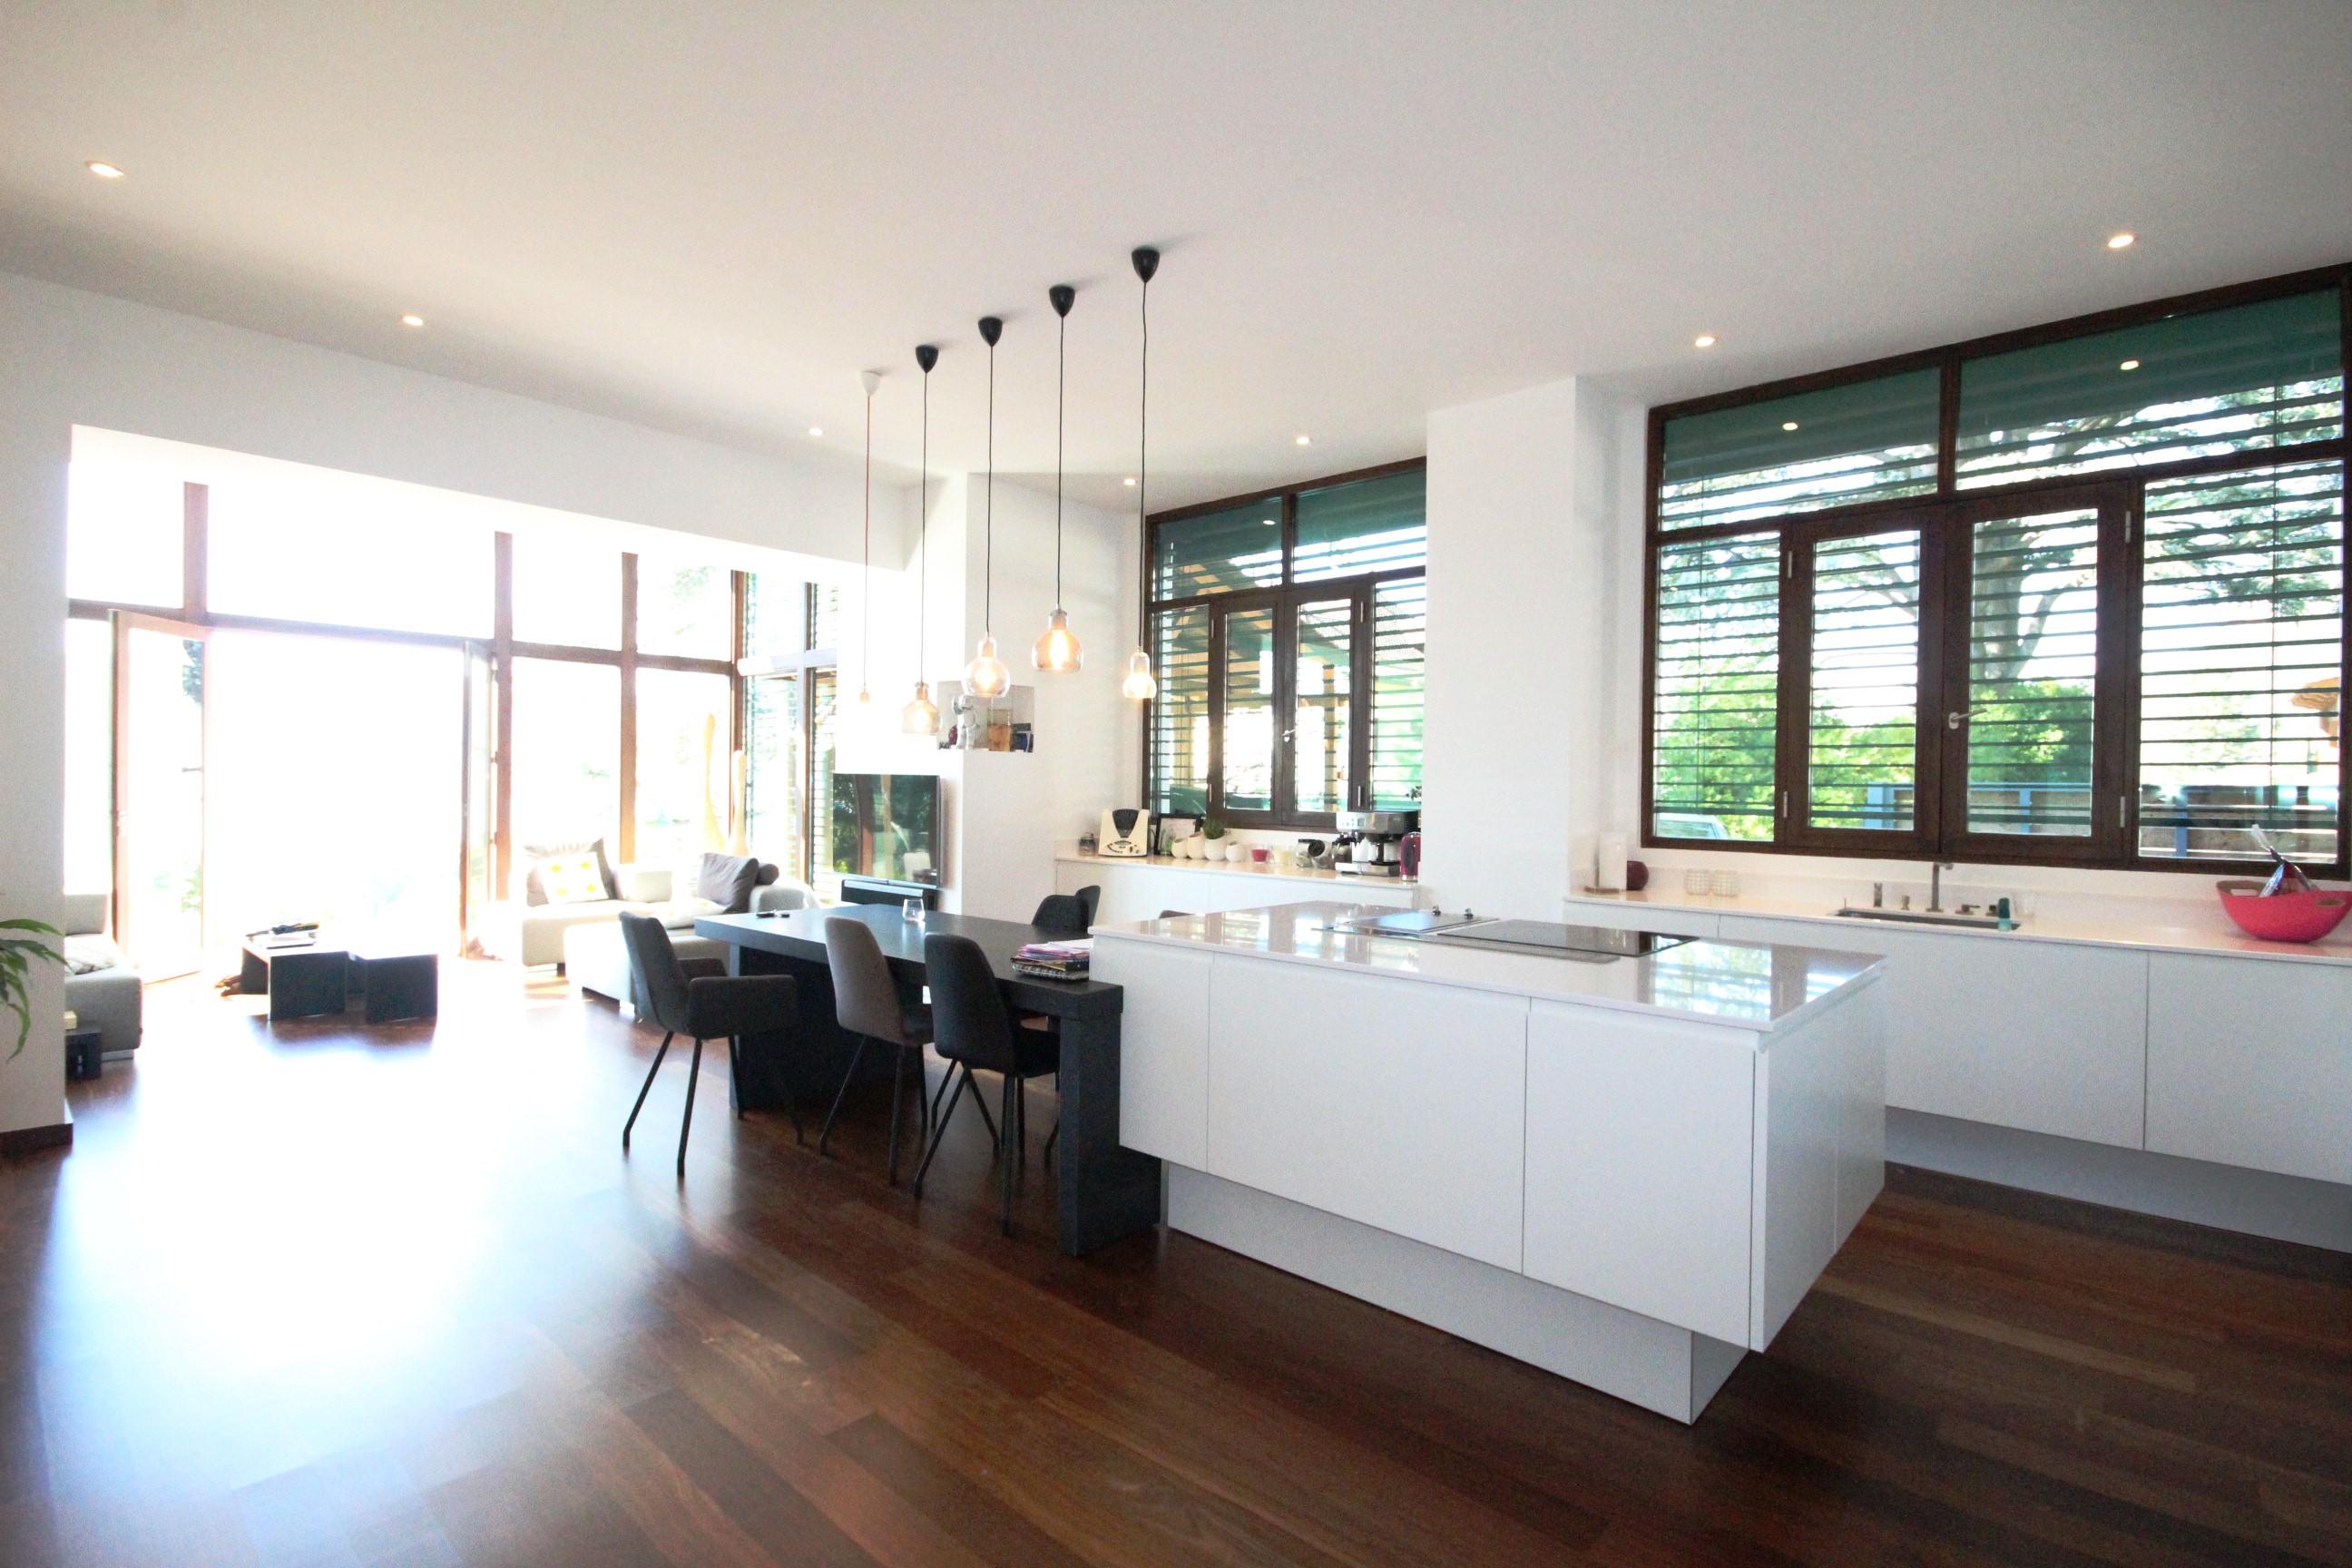 Magnifique loft avec vue imprenable sur le lacsweet for Loft agence immobiliere